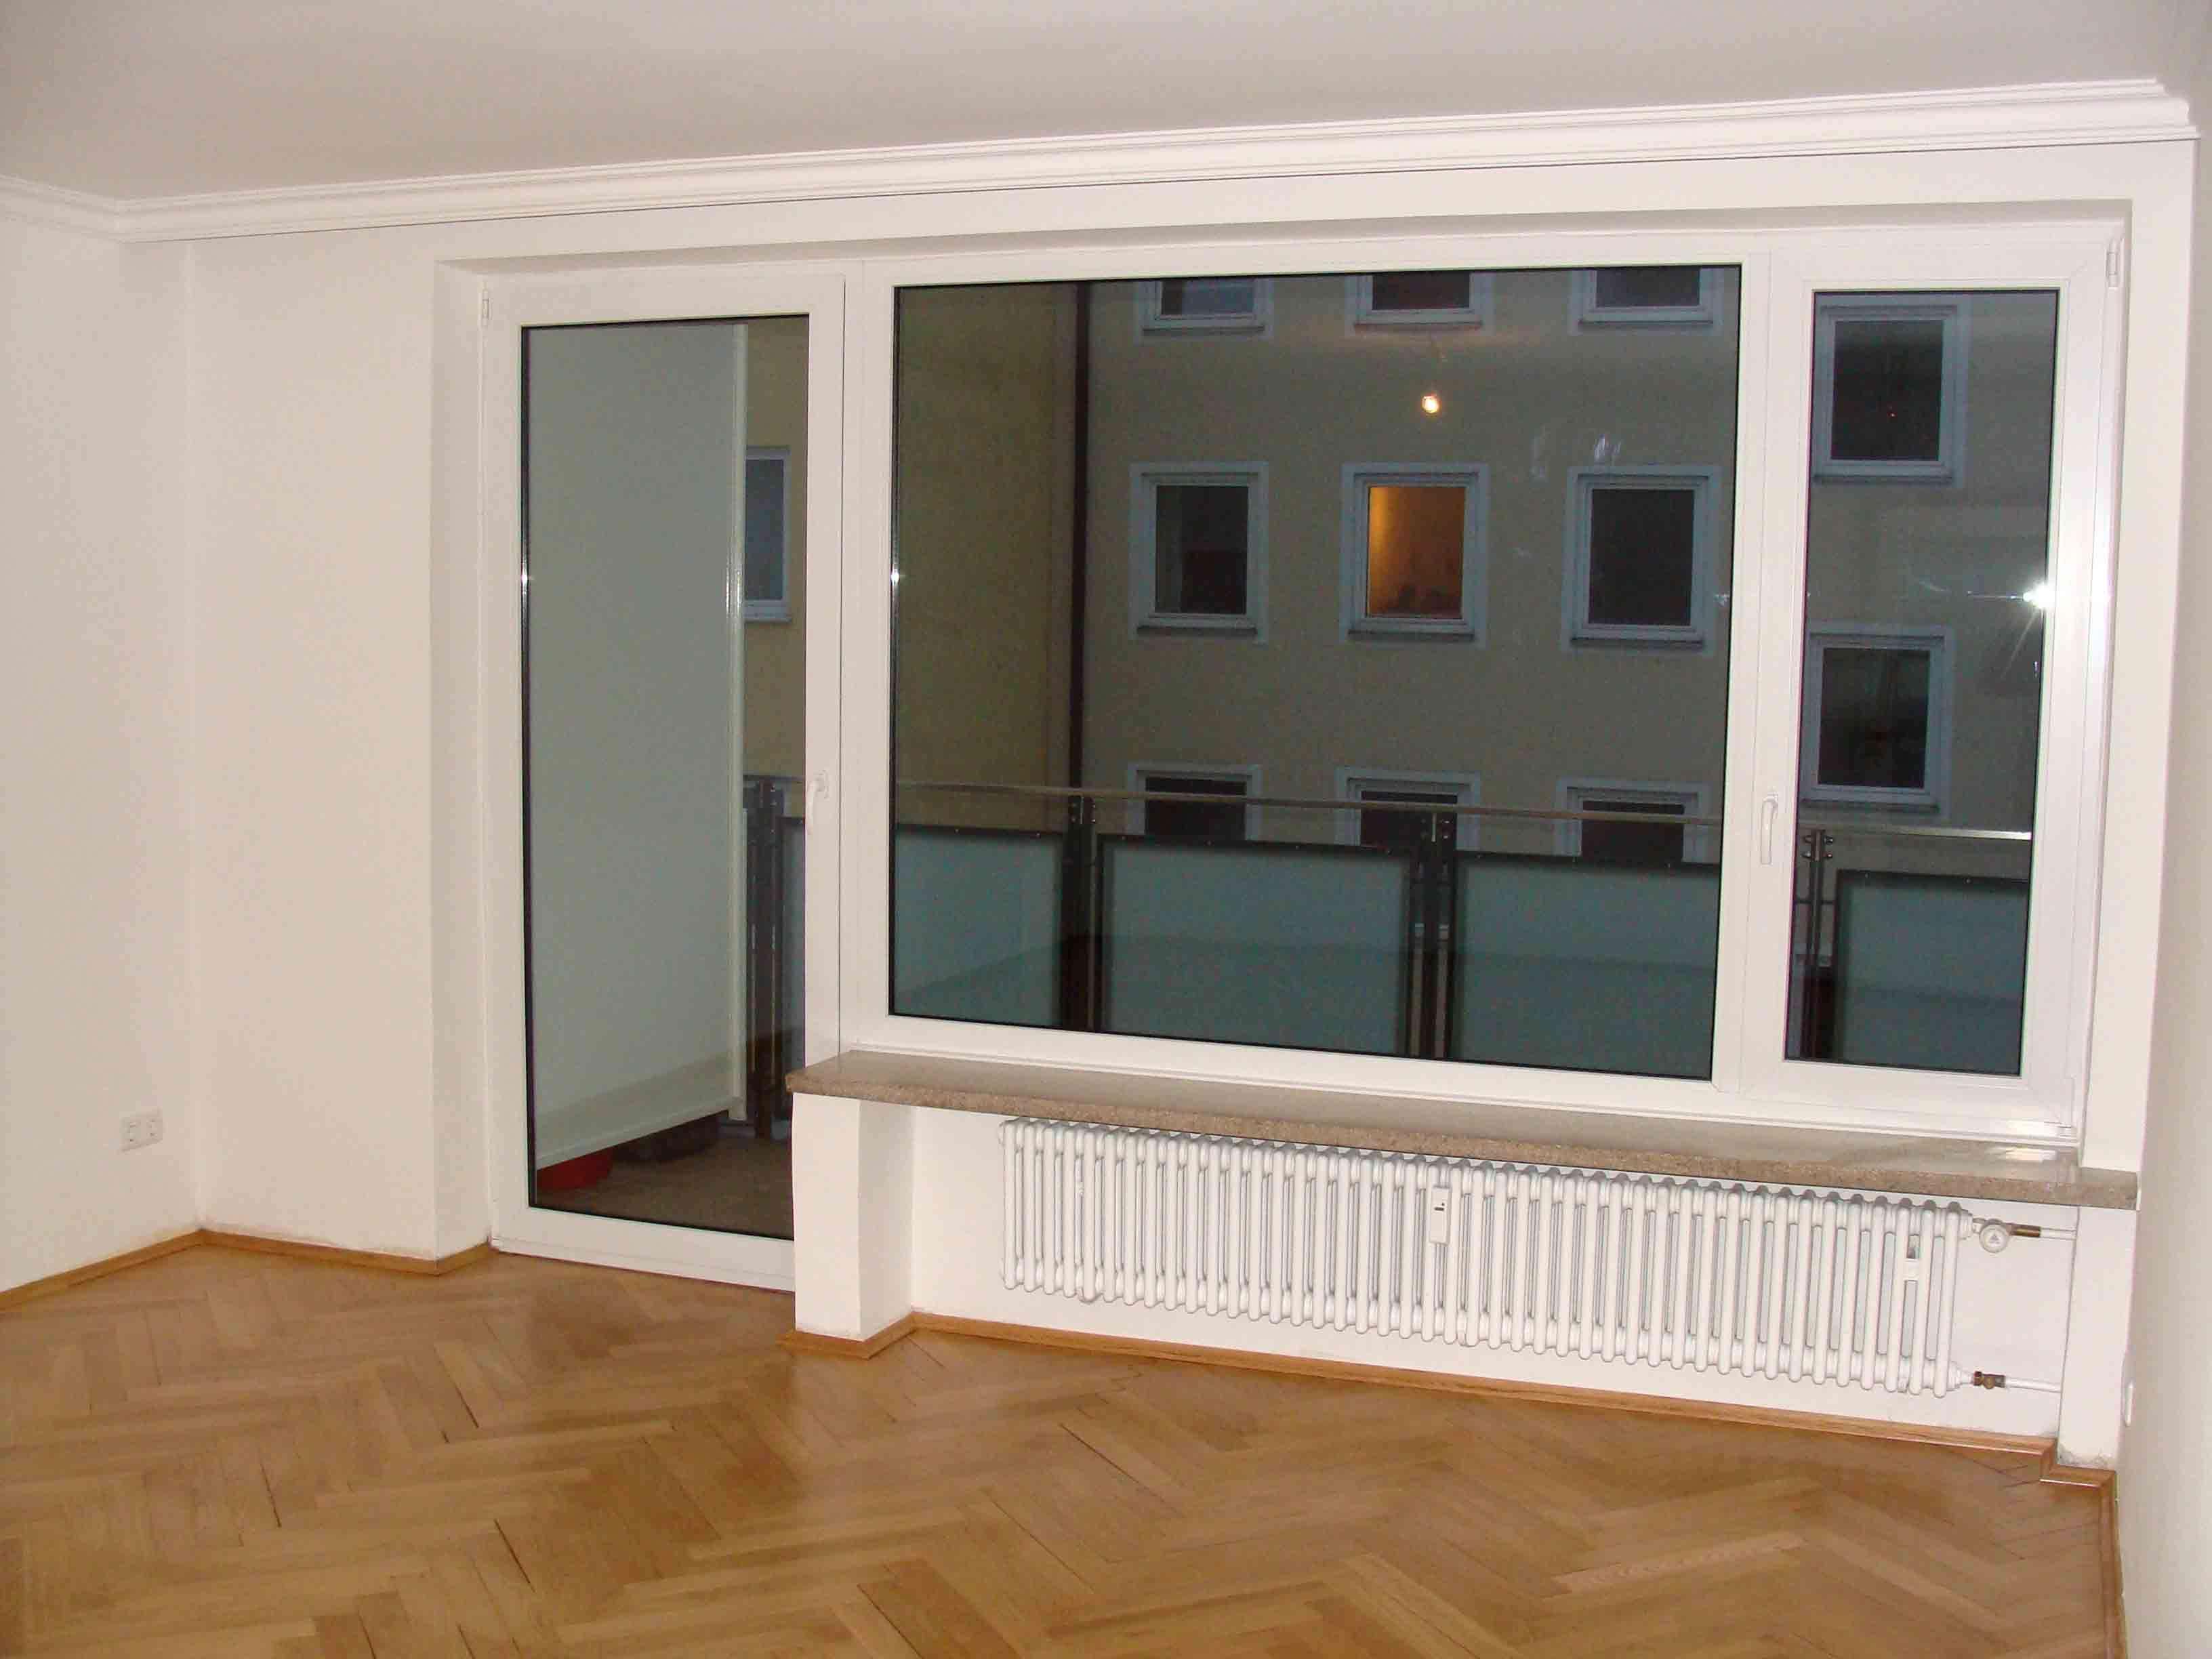 Ruhige und renovierte 2 Zi.-Whg., direkt am Deutschen Theater in Ludwigsvorstadt-Isarvorstadt (München)